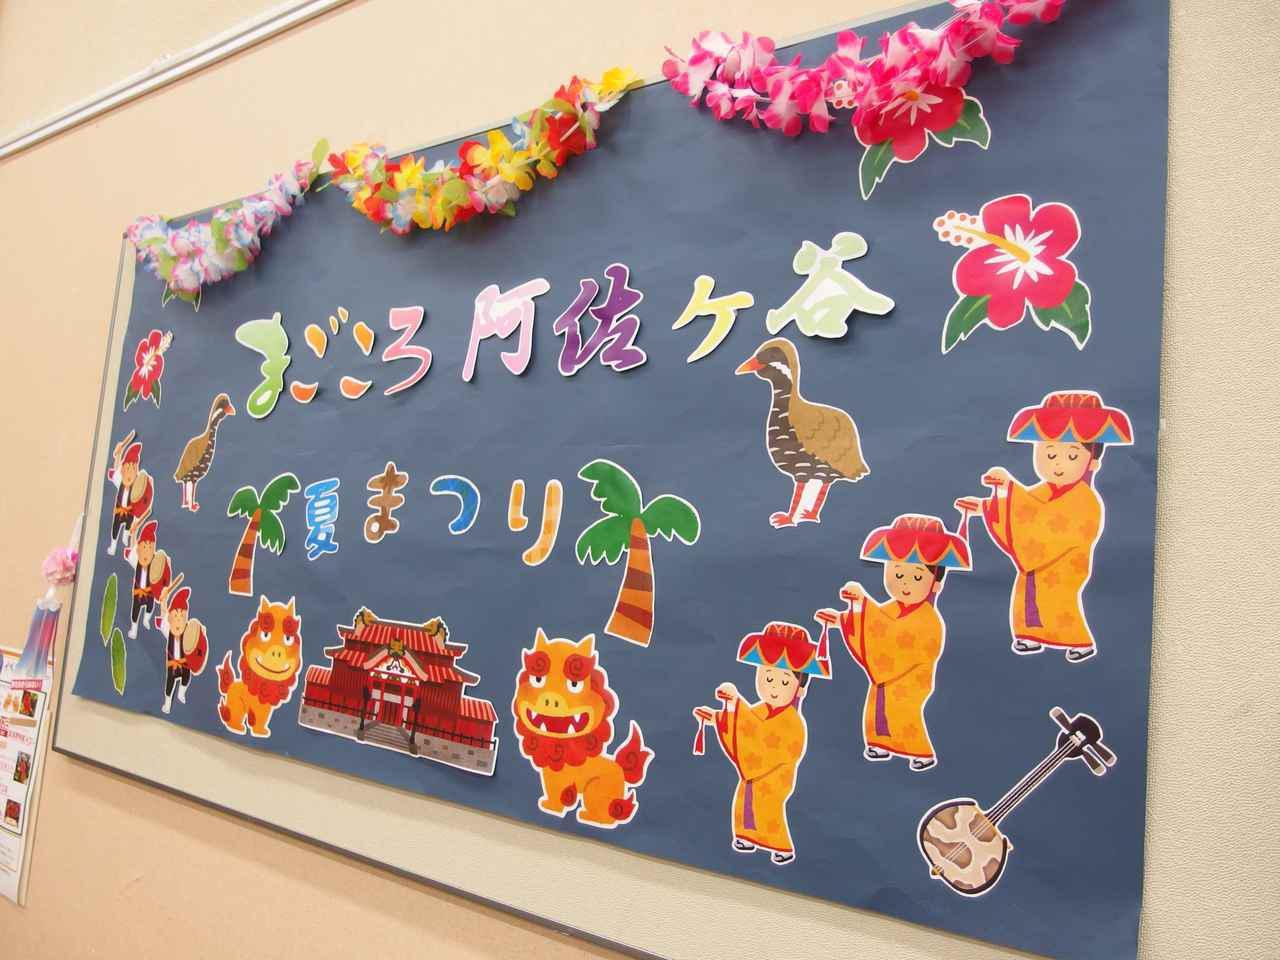 画像1: 沖縄に行ったつもりで夏祭り